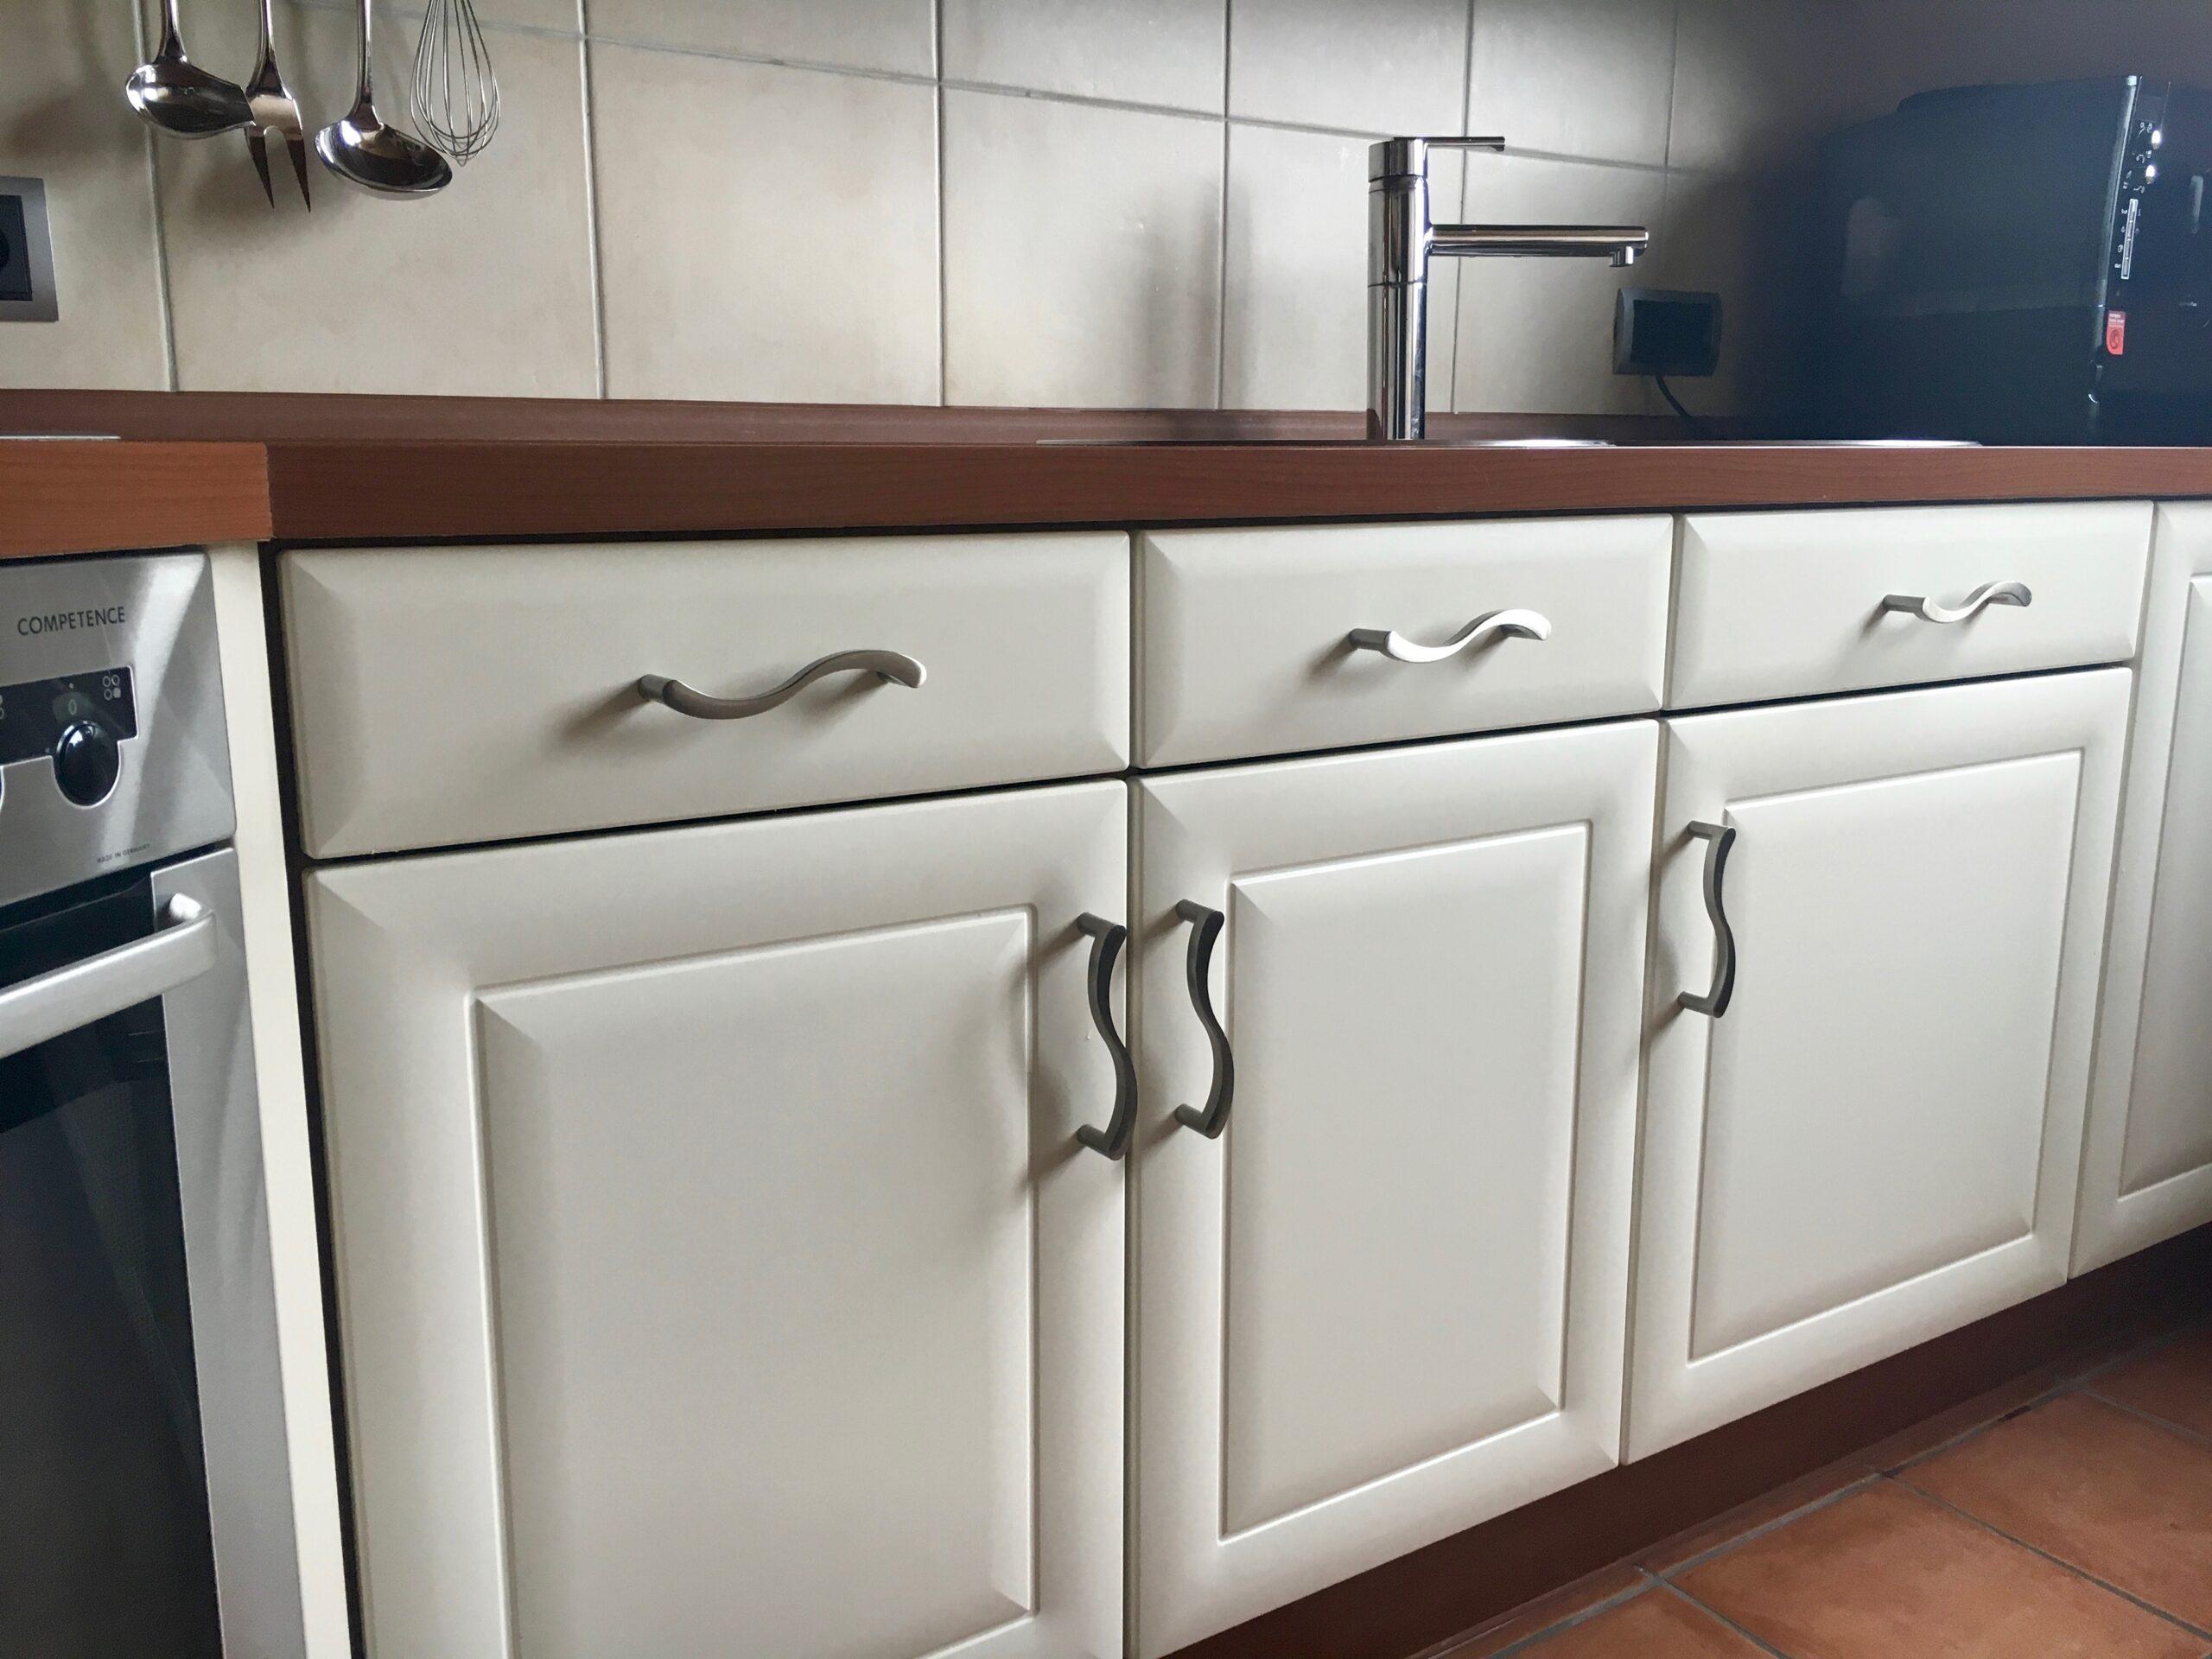 Full Size of Alno Küche Küchen Regal Wohnzimmer Alno Küchen